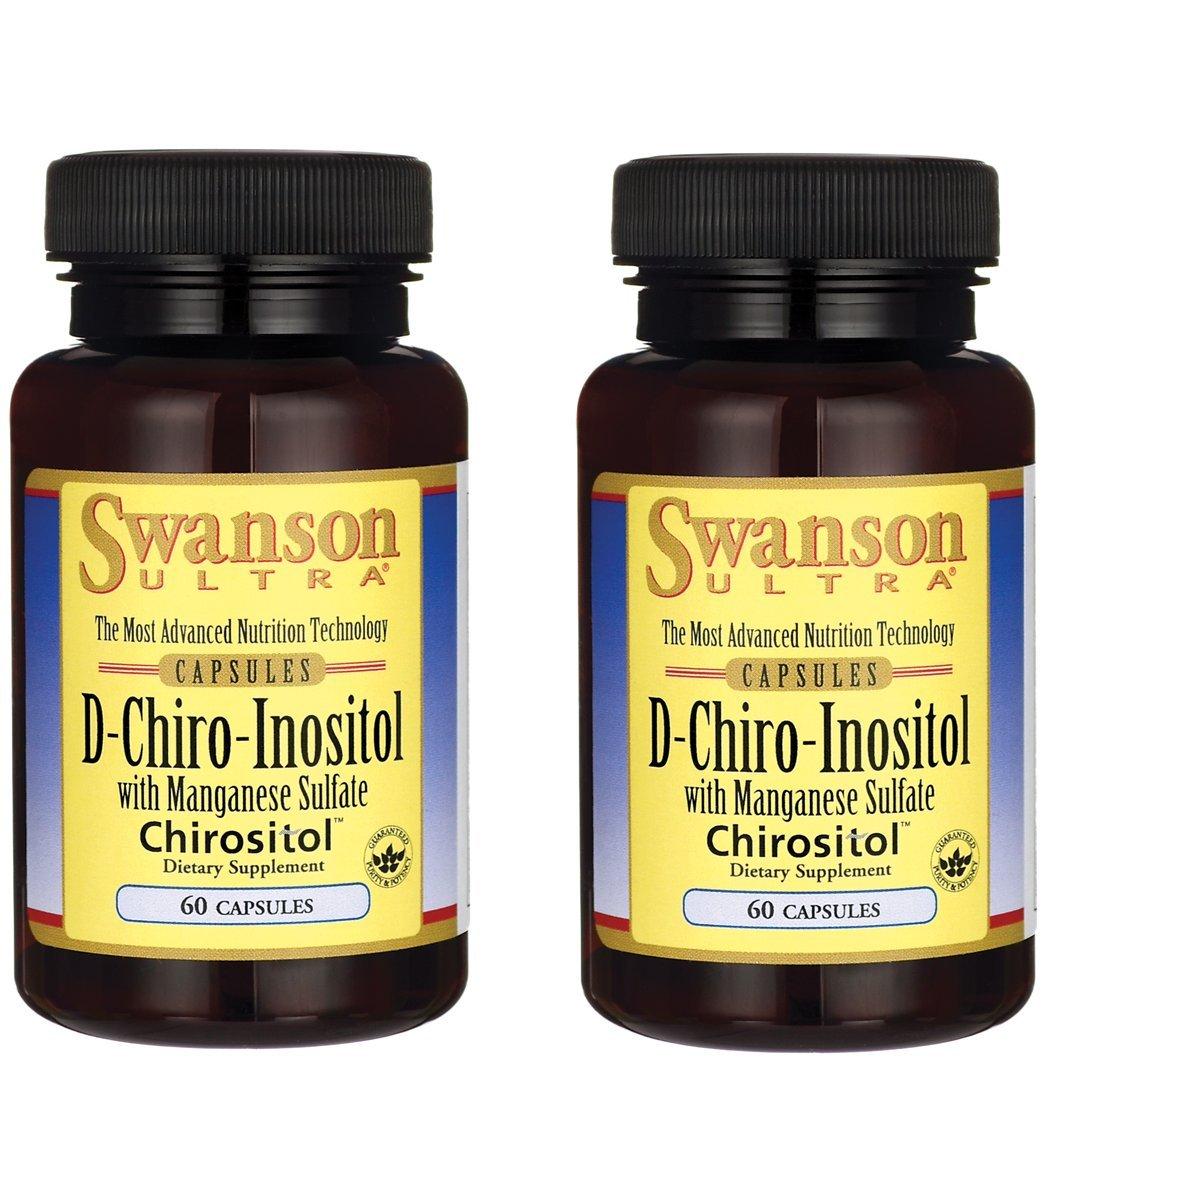 Swanson Vitamin D-Chiro-Inositol 60 Capsules 2 Pack